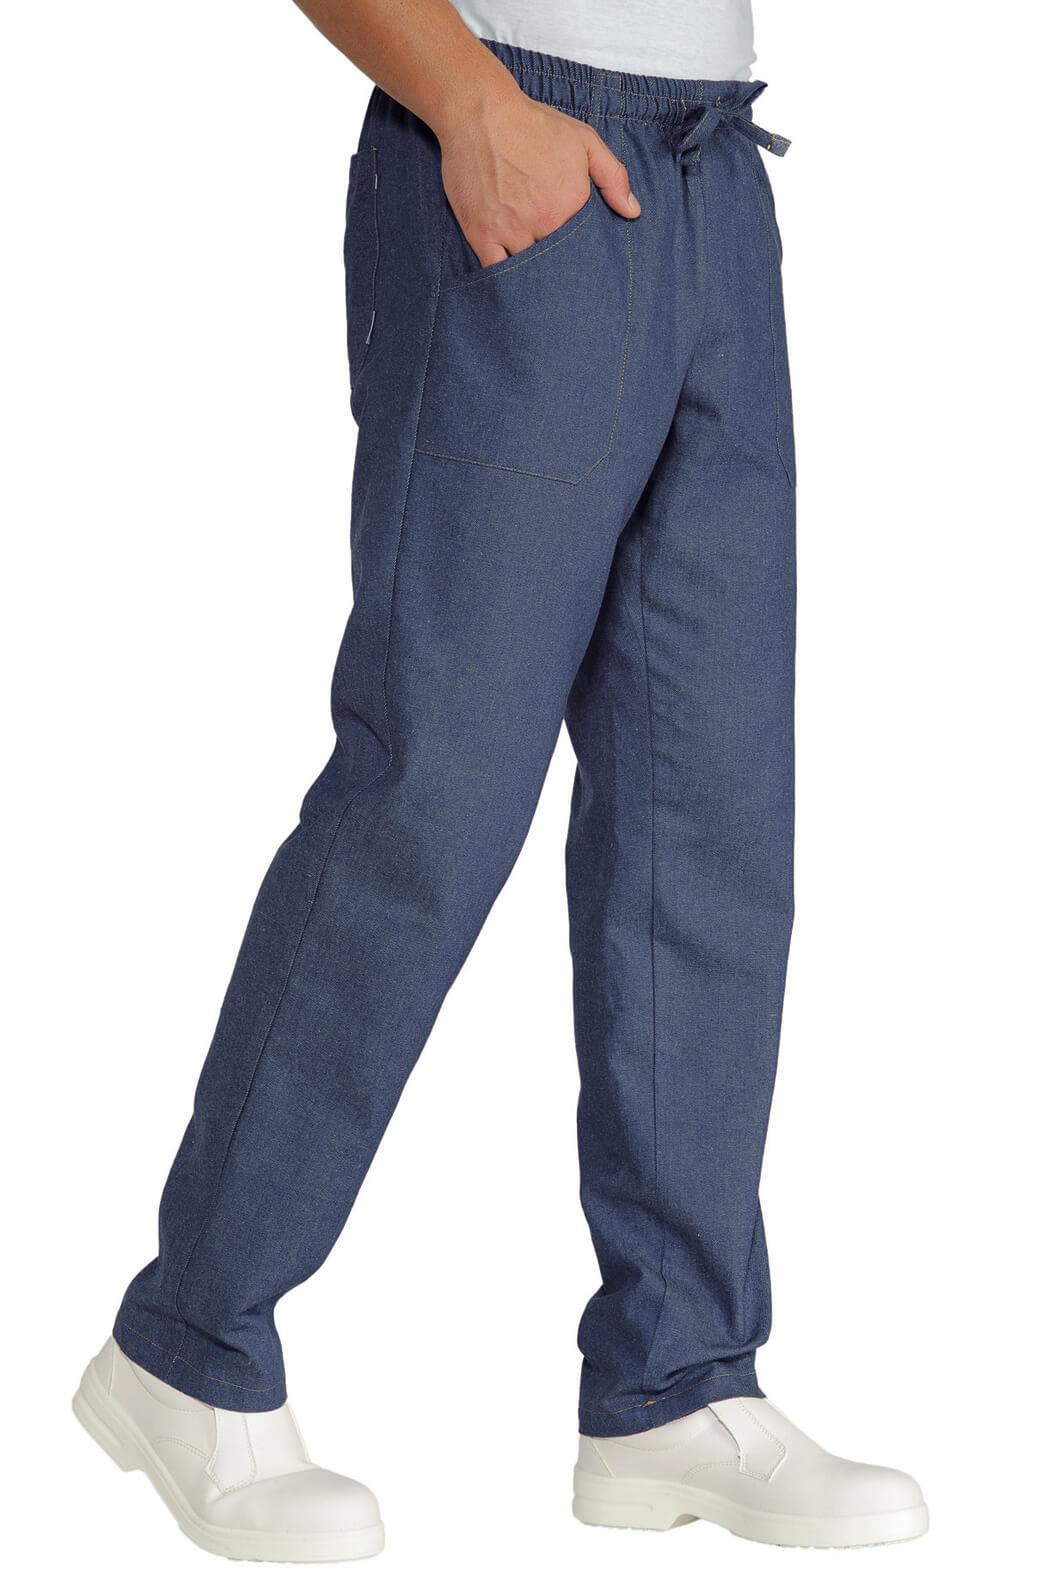 Pantalons De Pantalon Cuisinier Jeans Cuisine wO8PkX0n